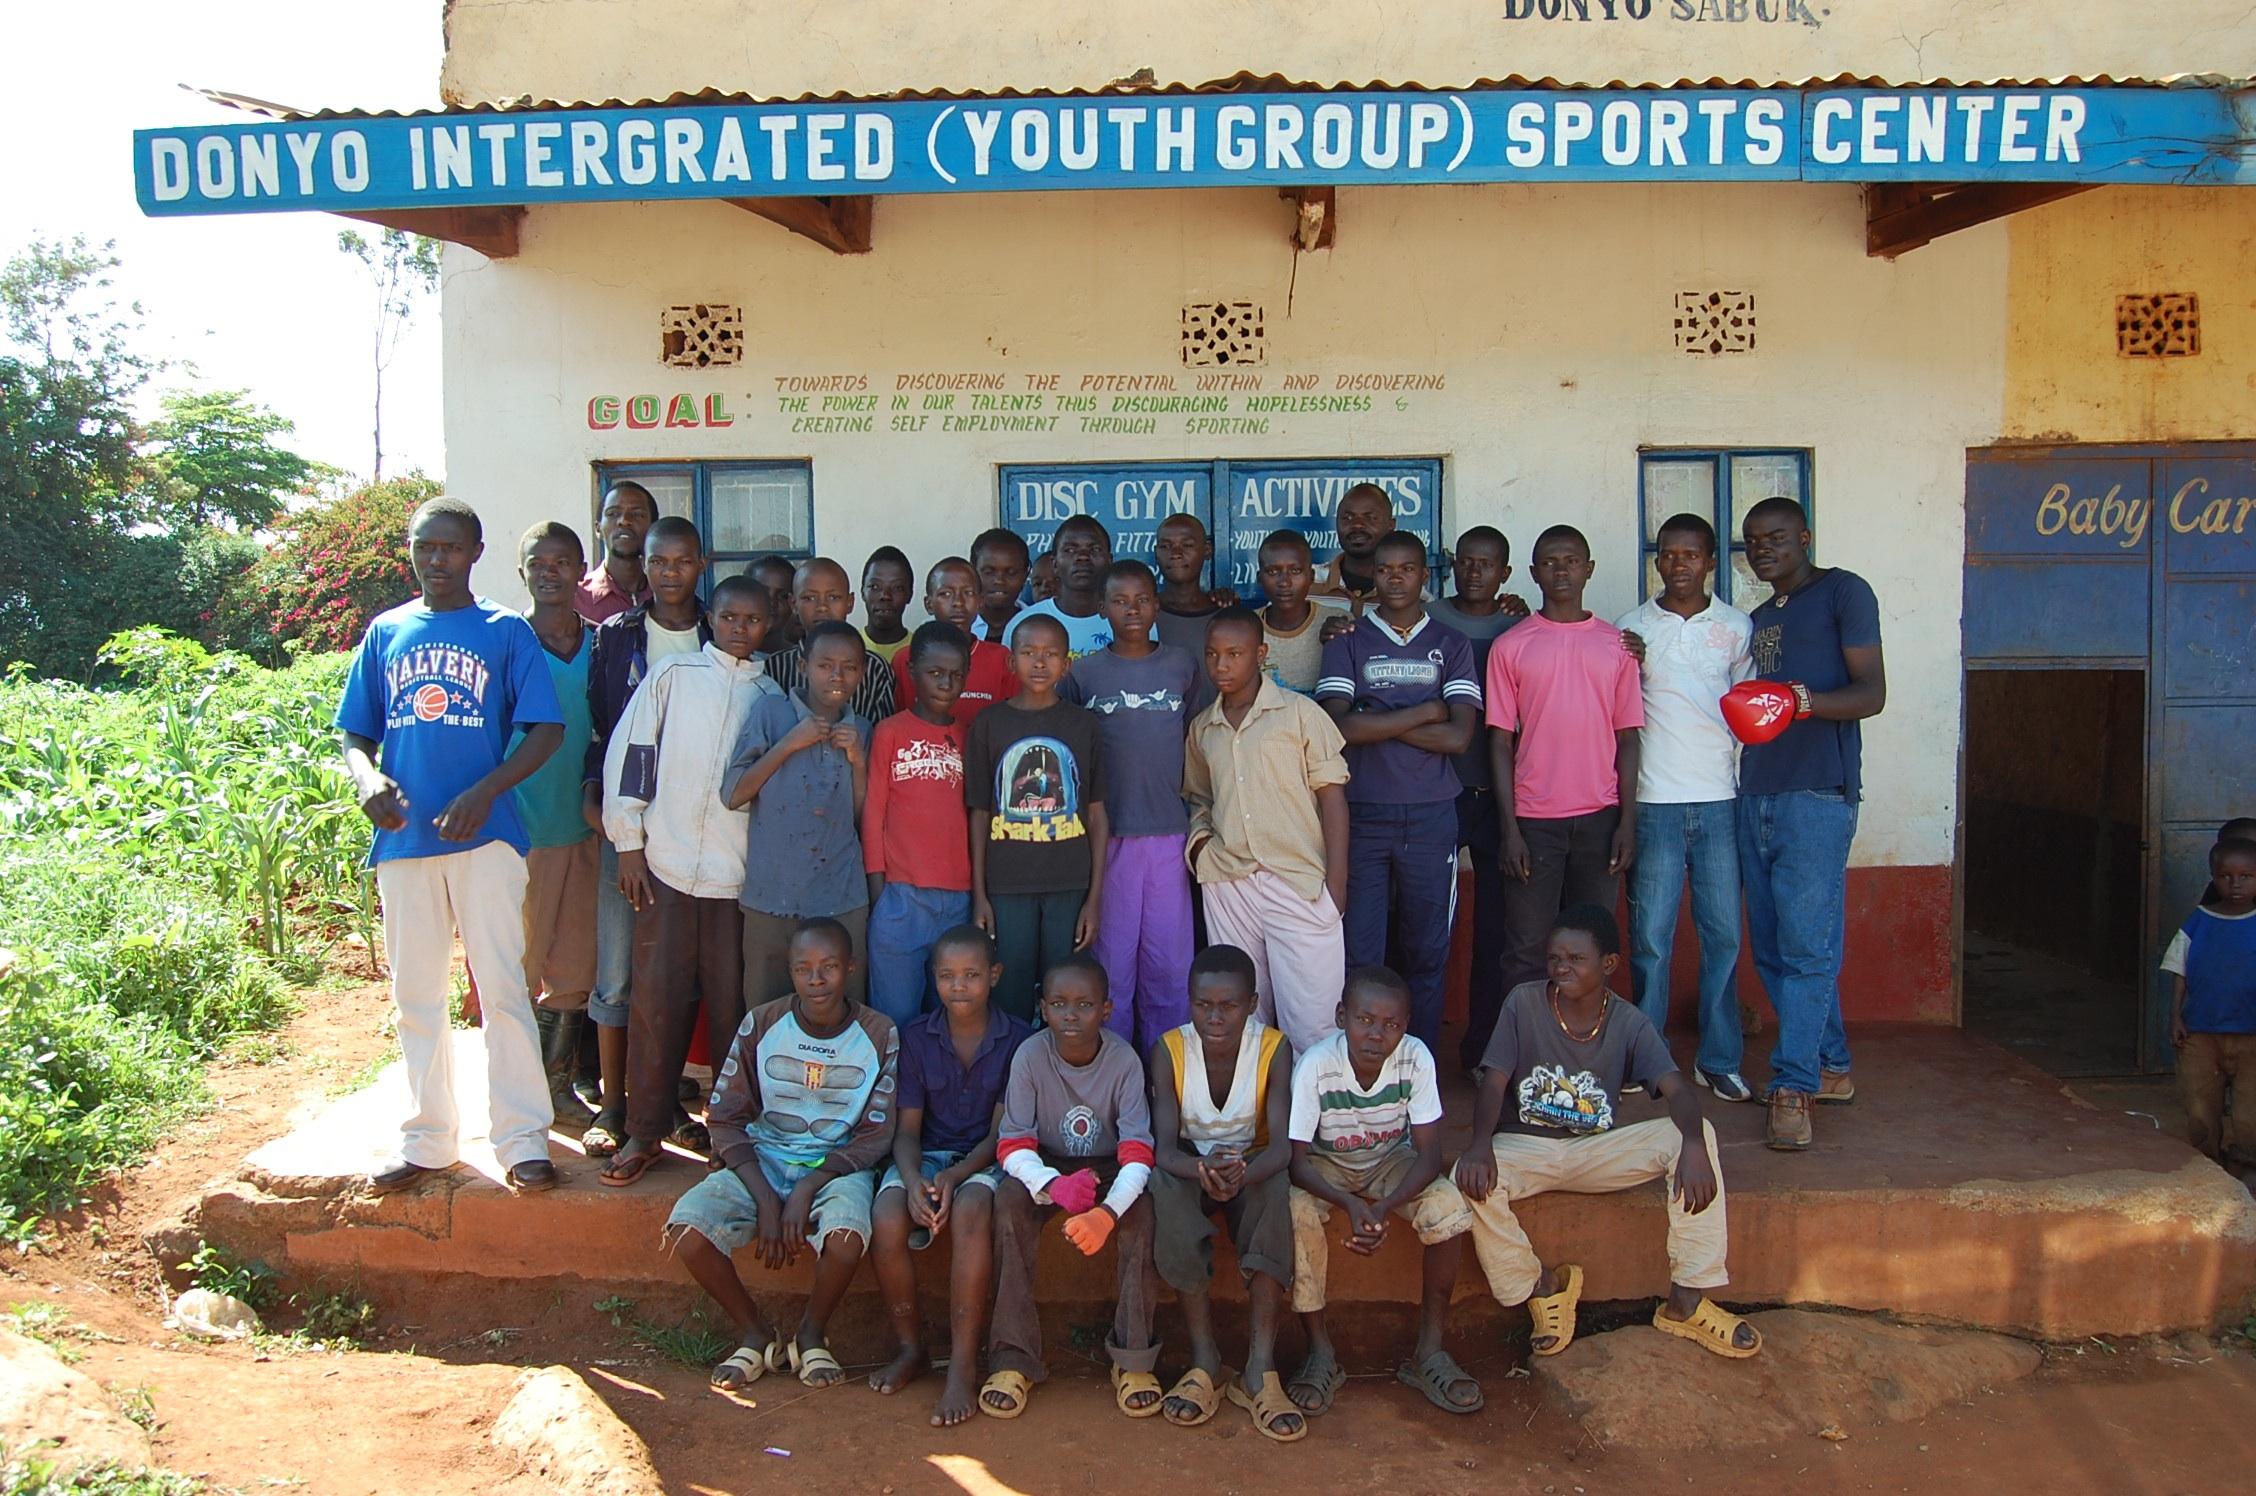 DISC - Donyo Integrated Sports Centre   Ol Donyo Sabuk, Kenya